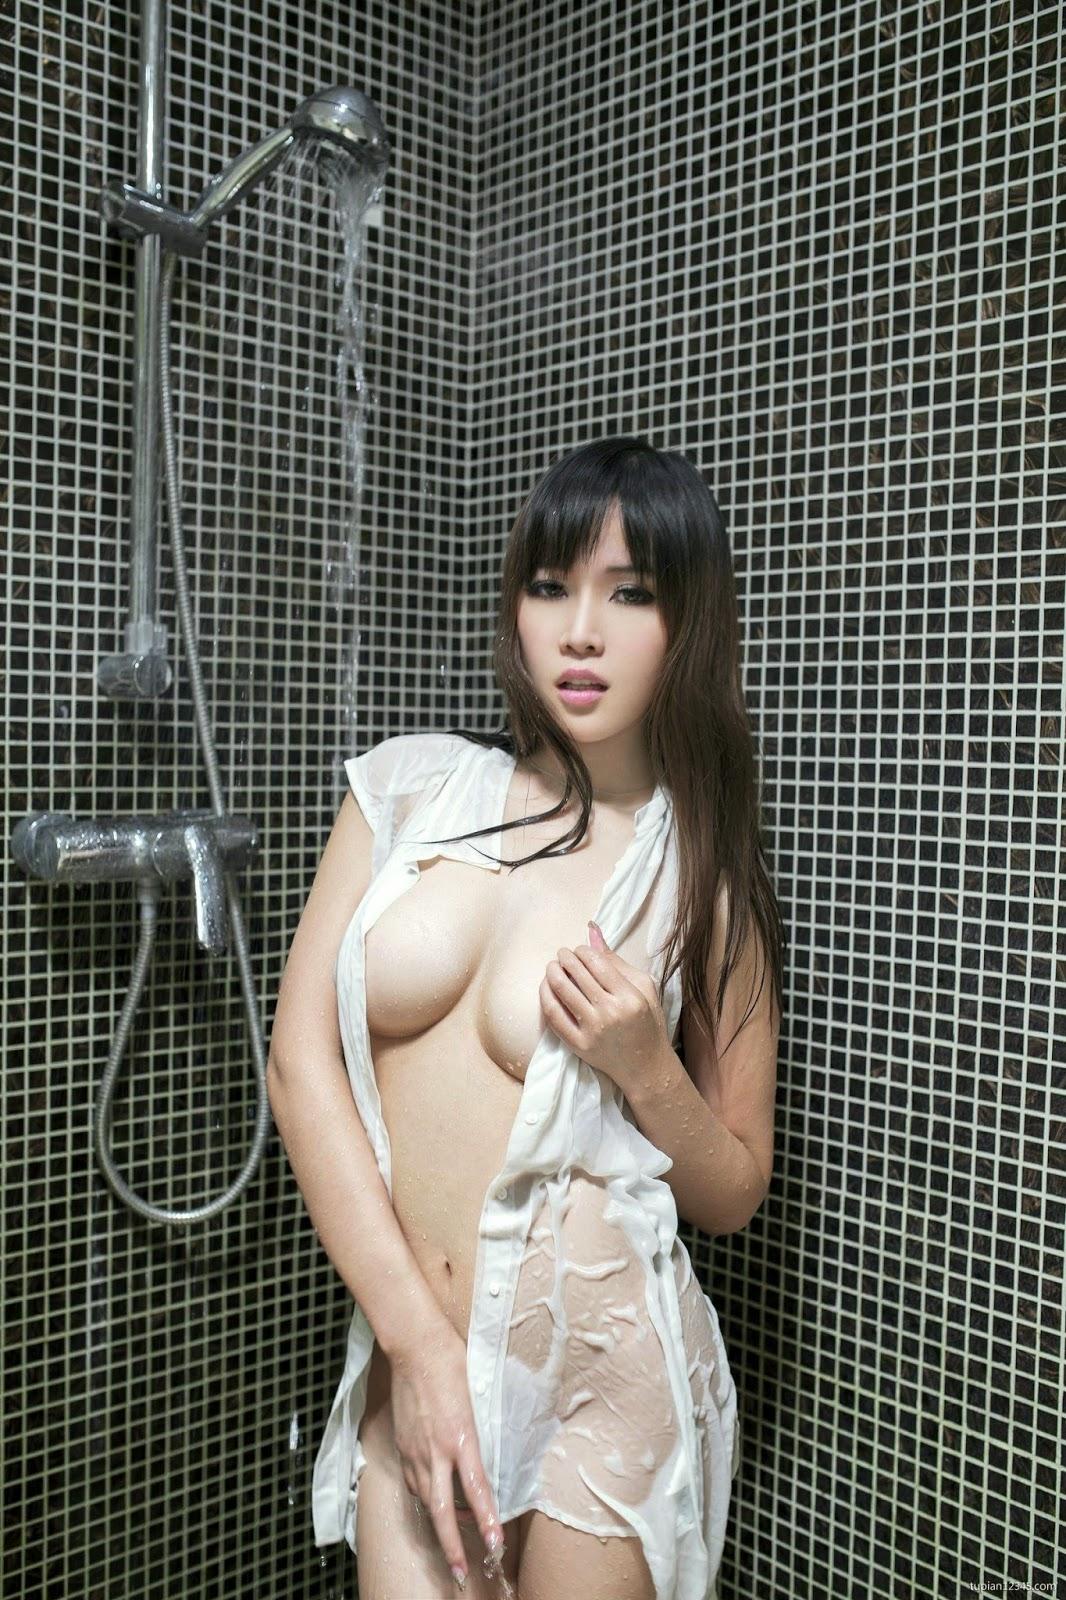 Xem ảnh cớn gái tắm truồng show vú cực bự